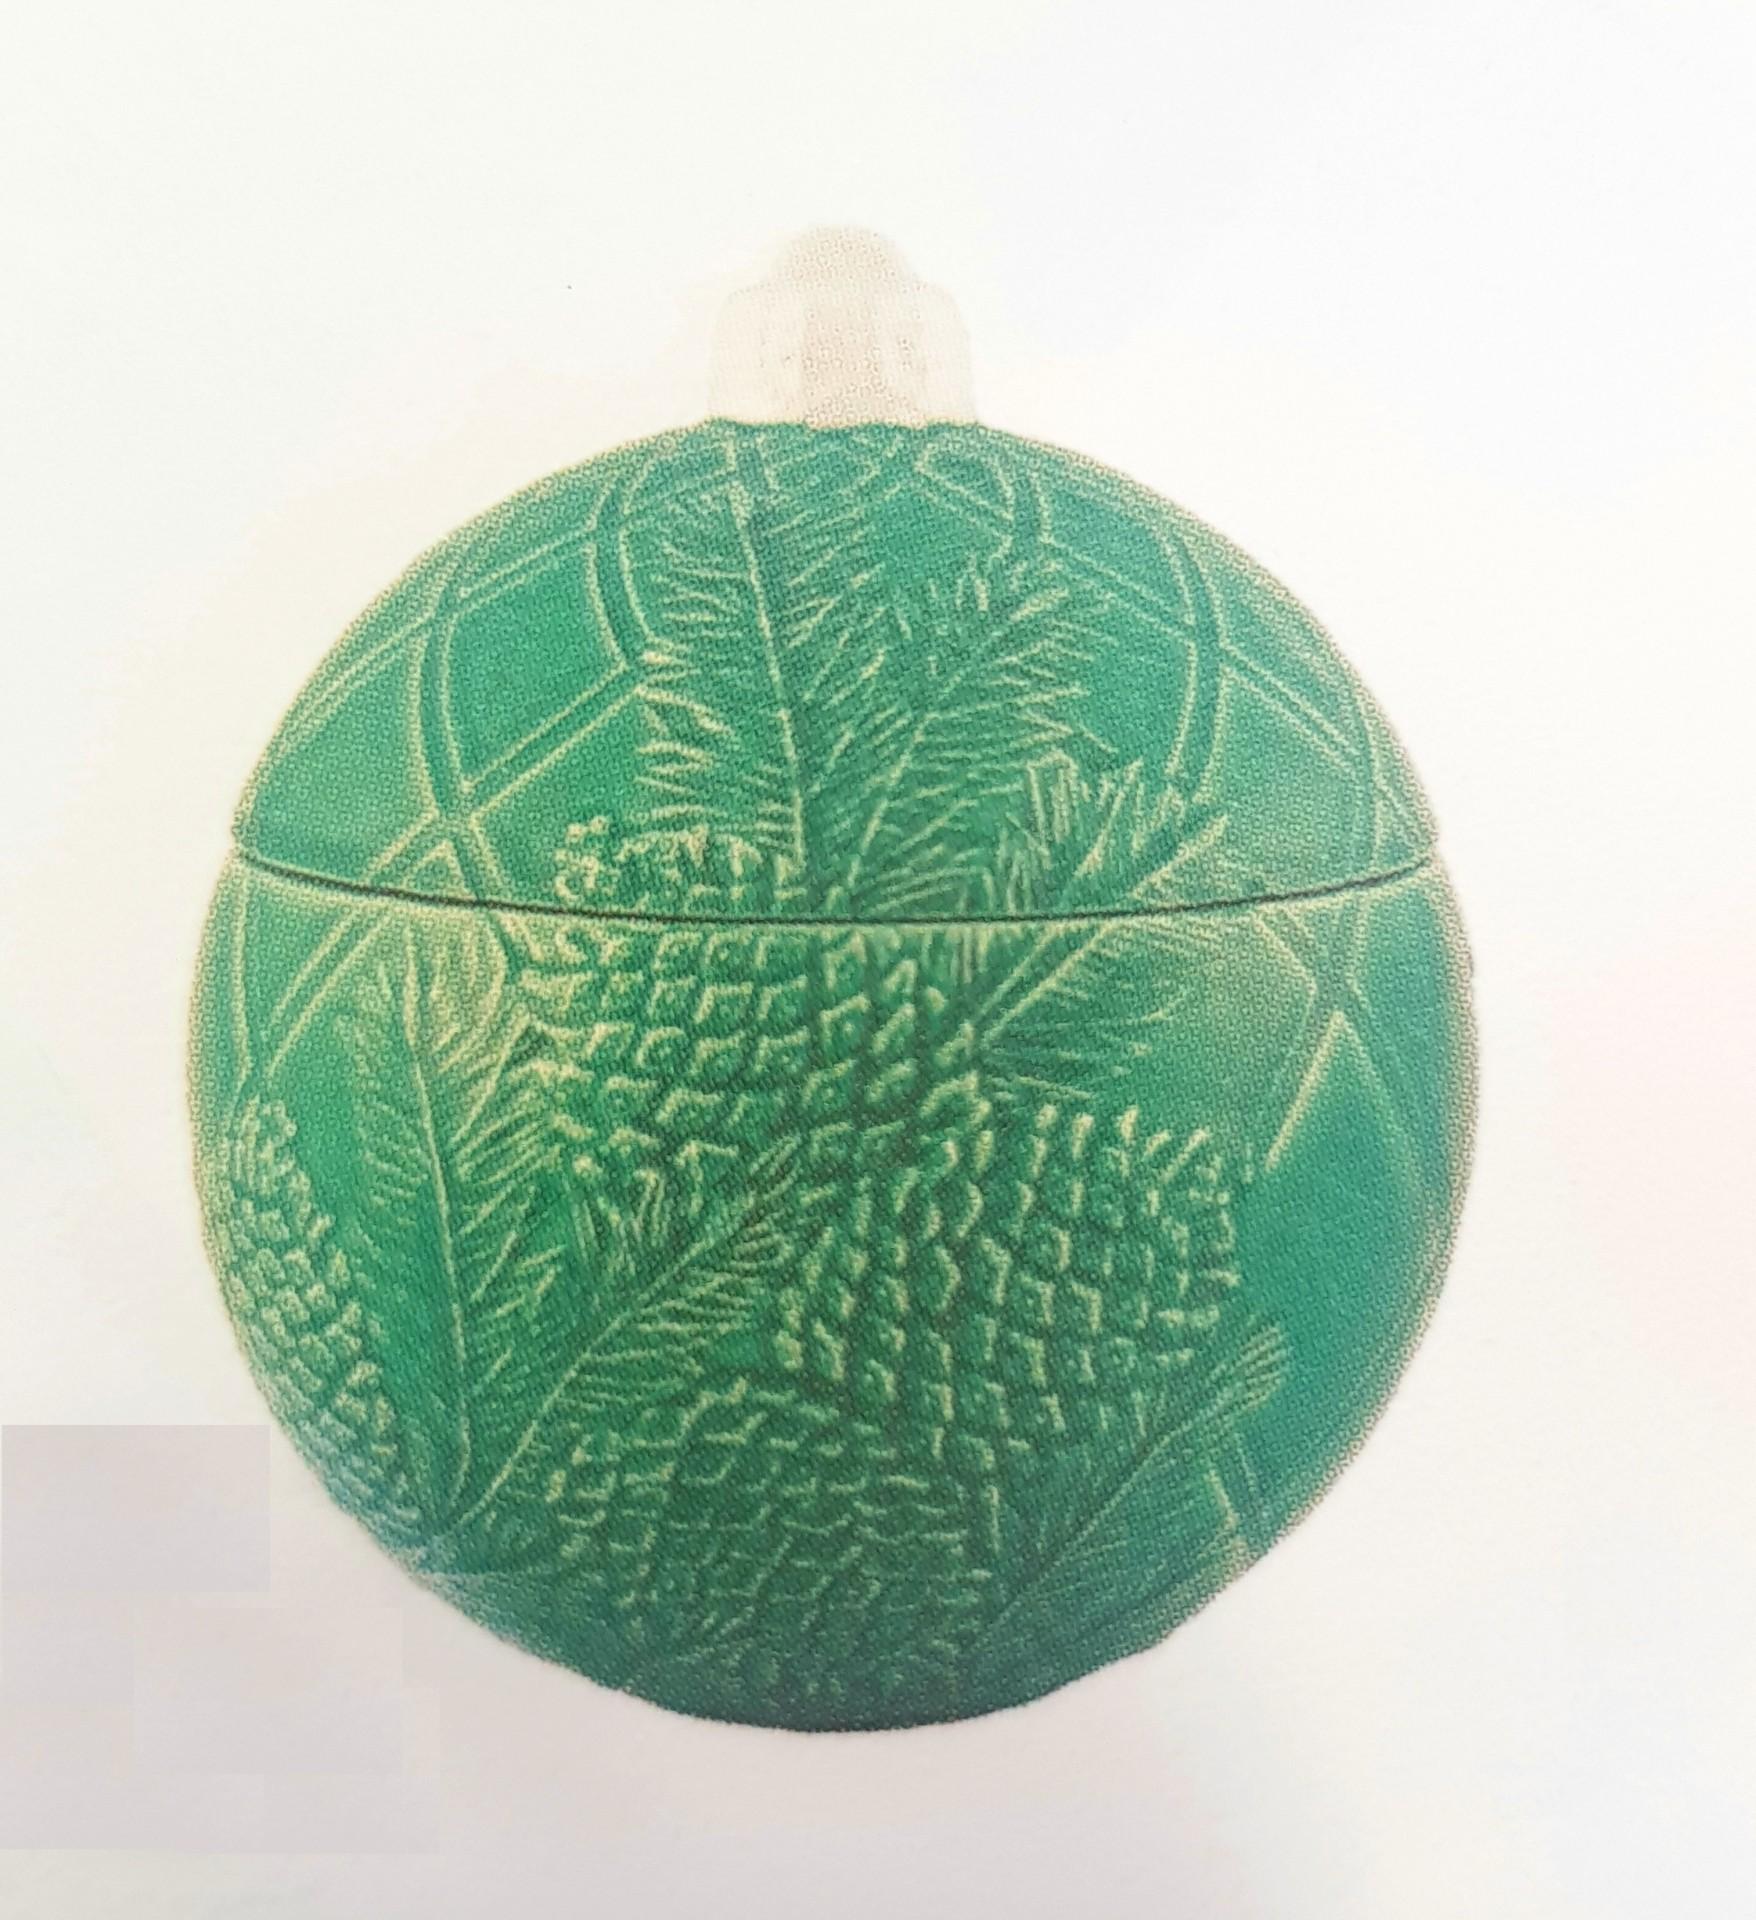 Bordallo Pinheiro - Bolas de Natal - Caixa 26